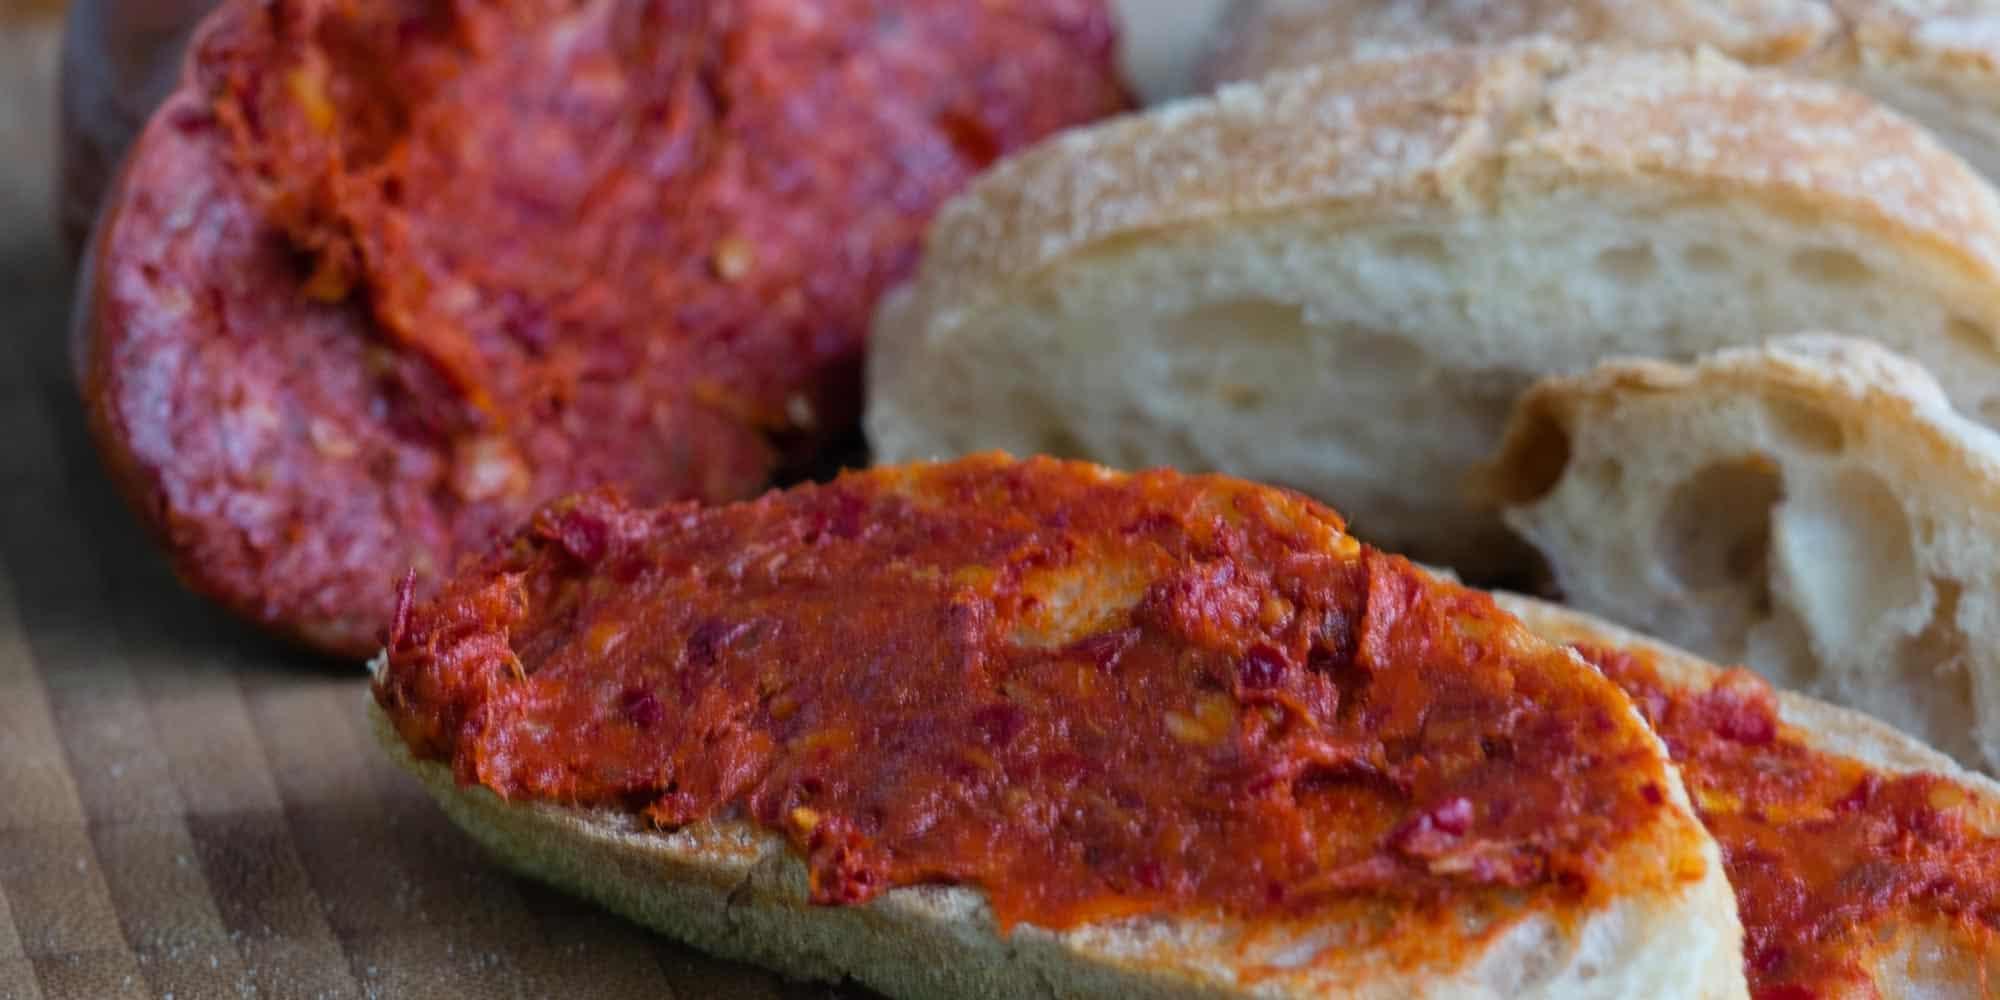 , LA 'NDUJA, STORIA E TRADIZIONE, Foodiestrip.blog